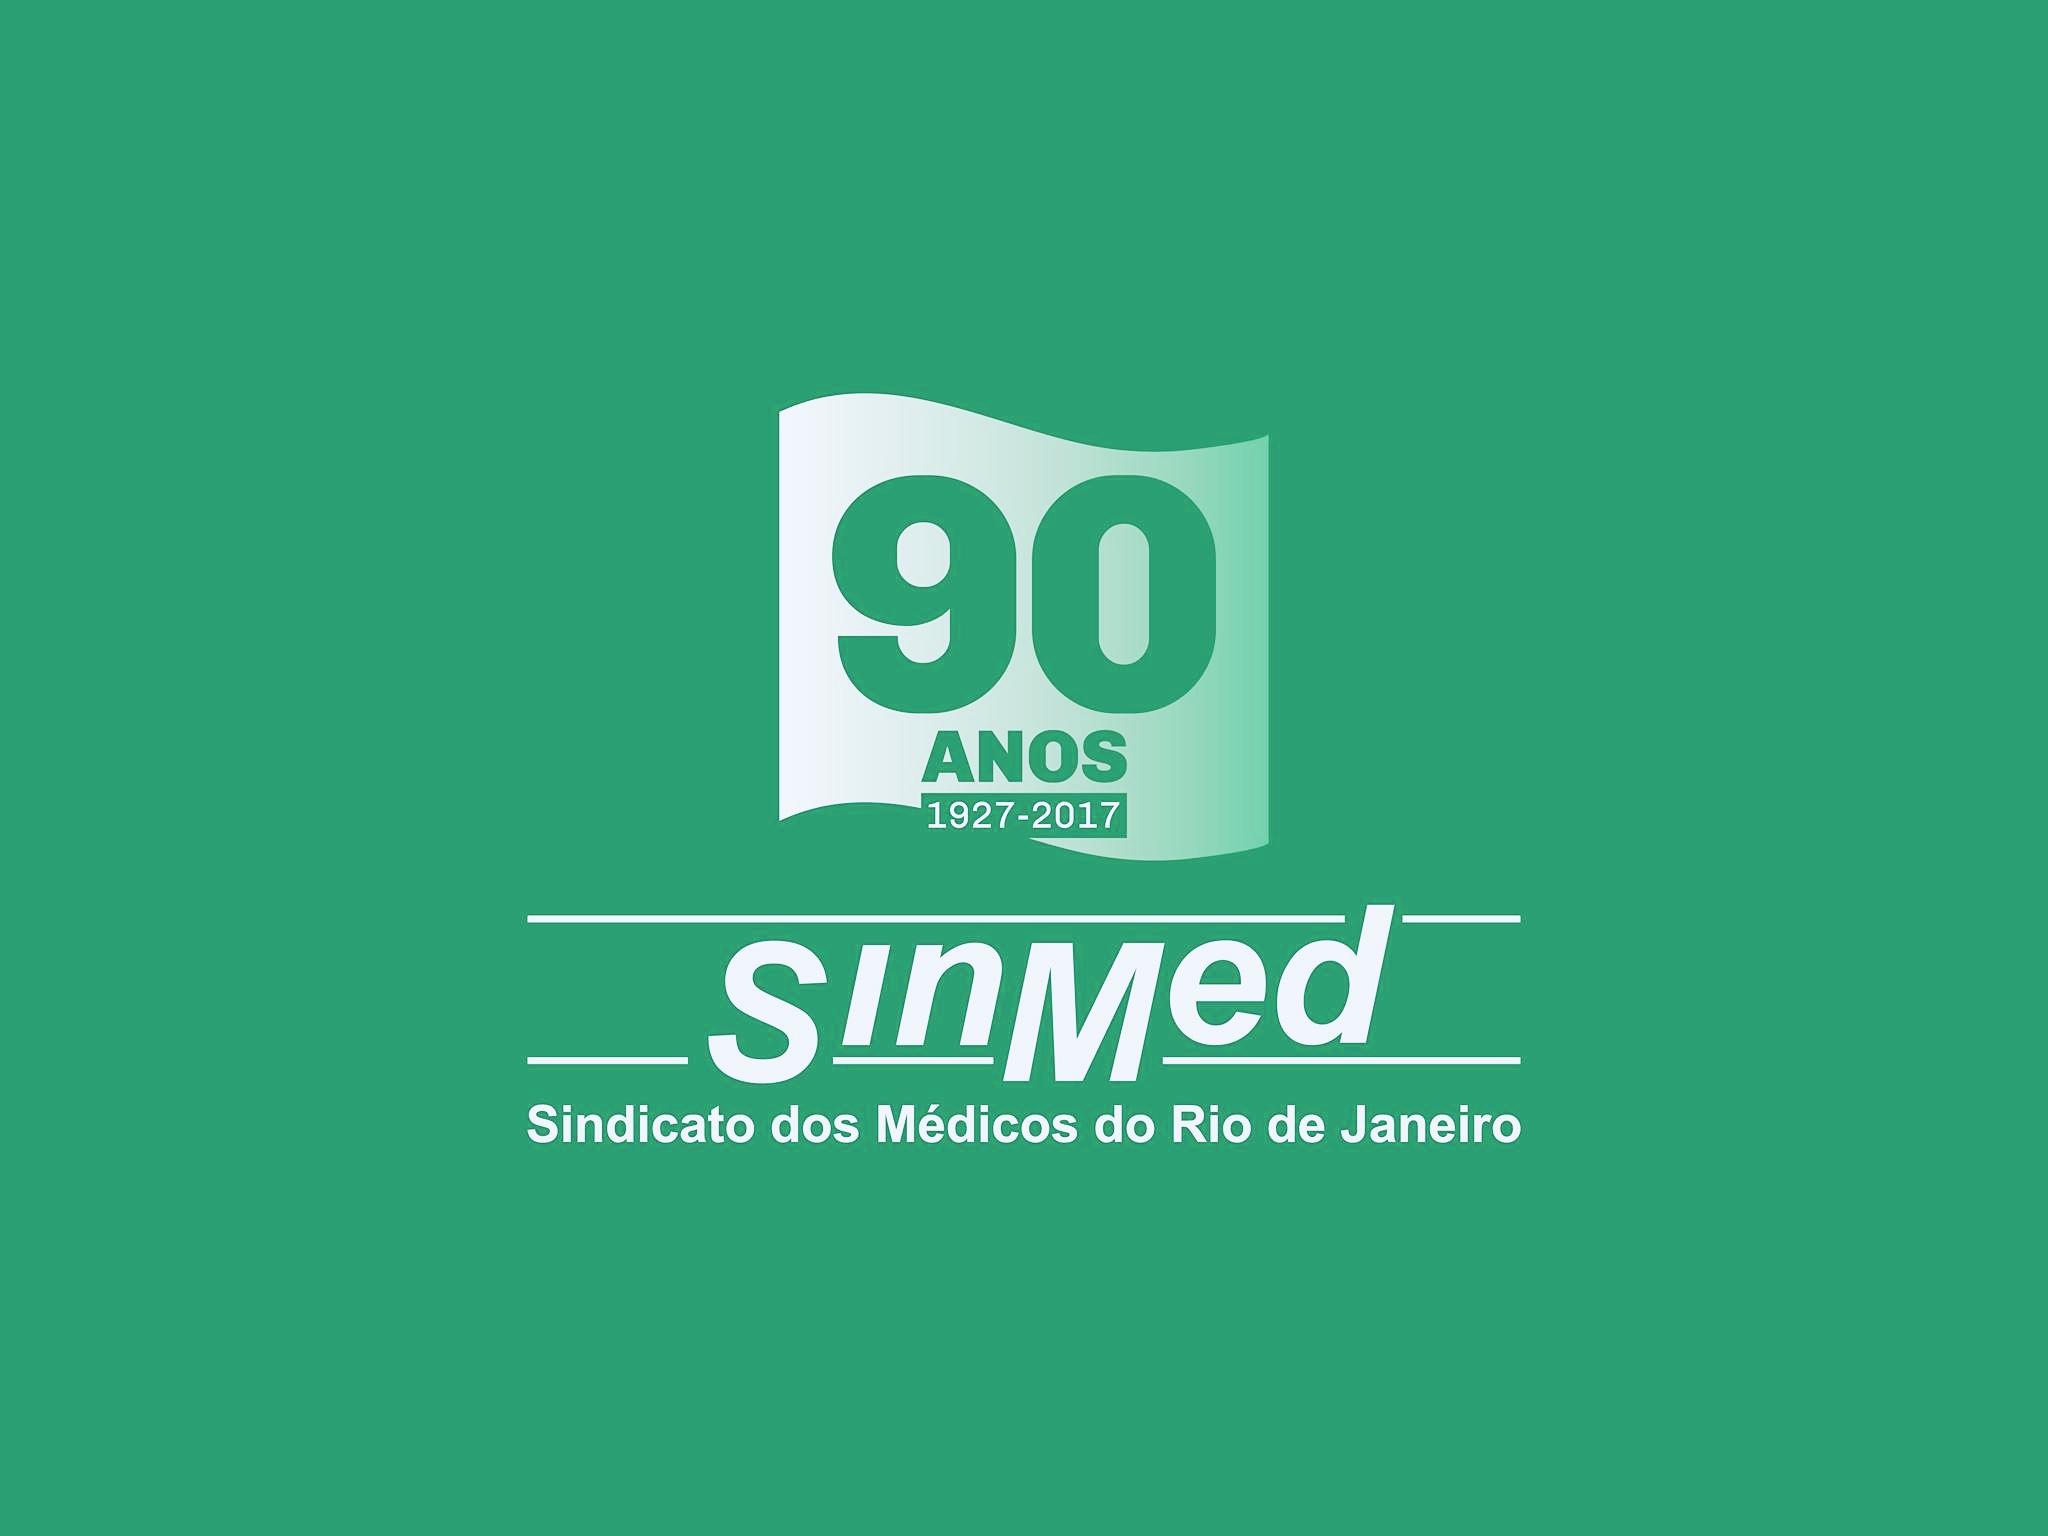 Sindicato dos Médicos do Rio de Janeiro apoia a Greve Geral de 14/6